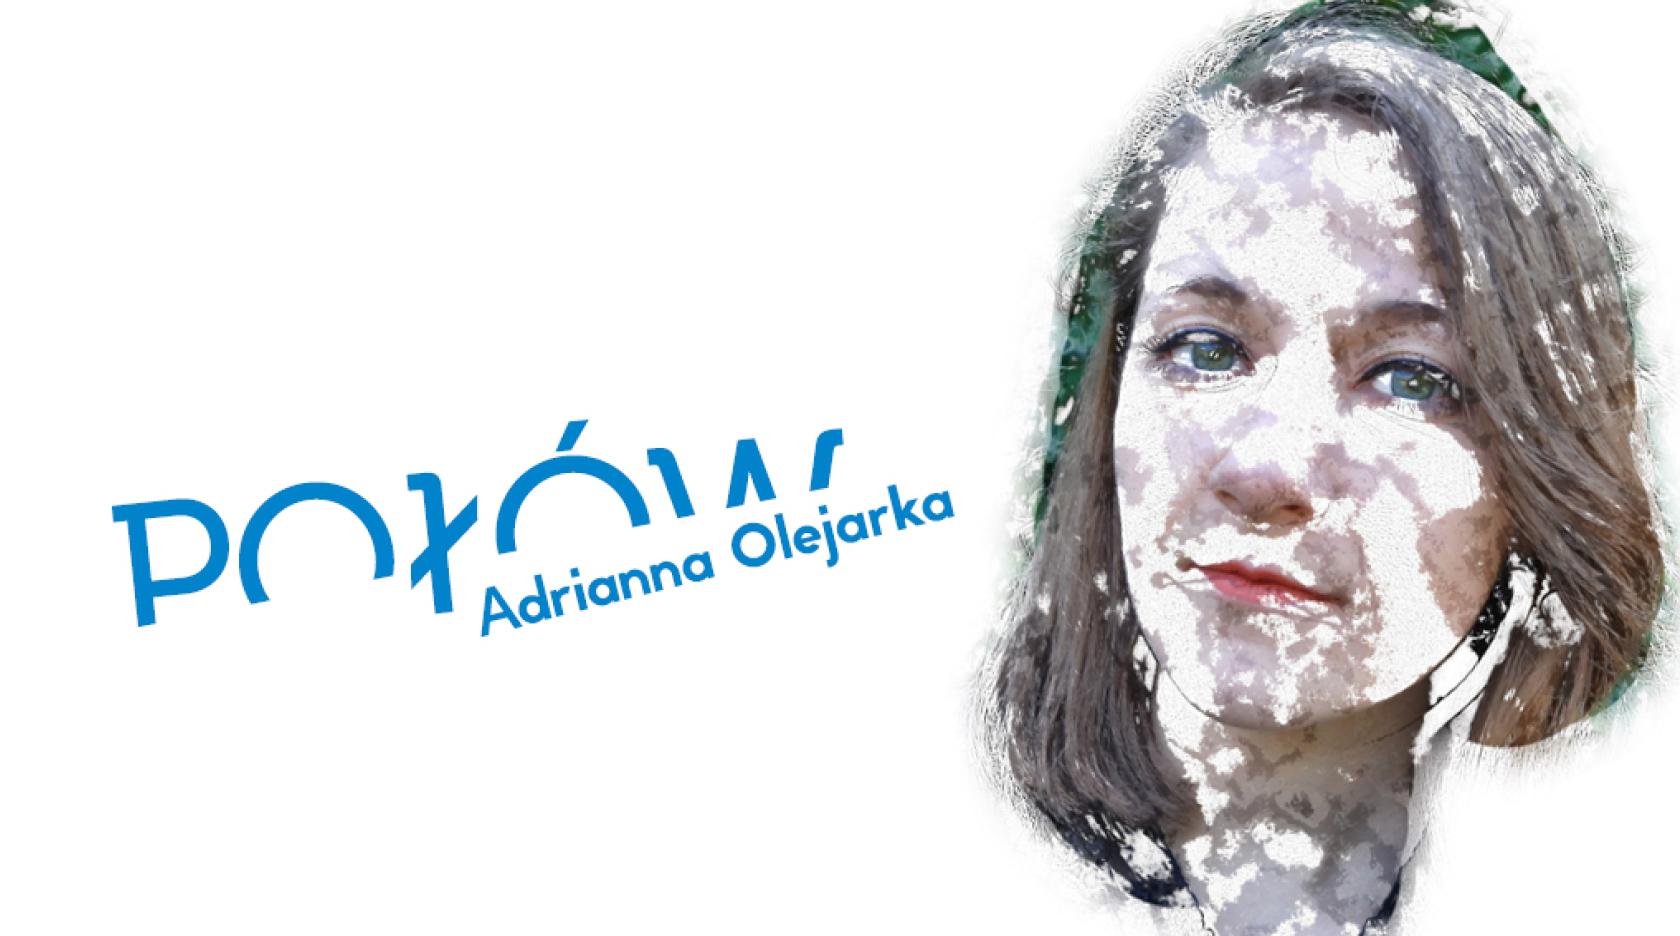 BL Img 2017.01.31 Połów 2016 Adrianna OLEJARKA_www_top